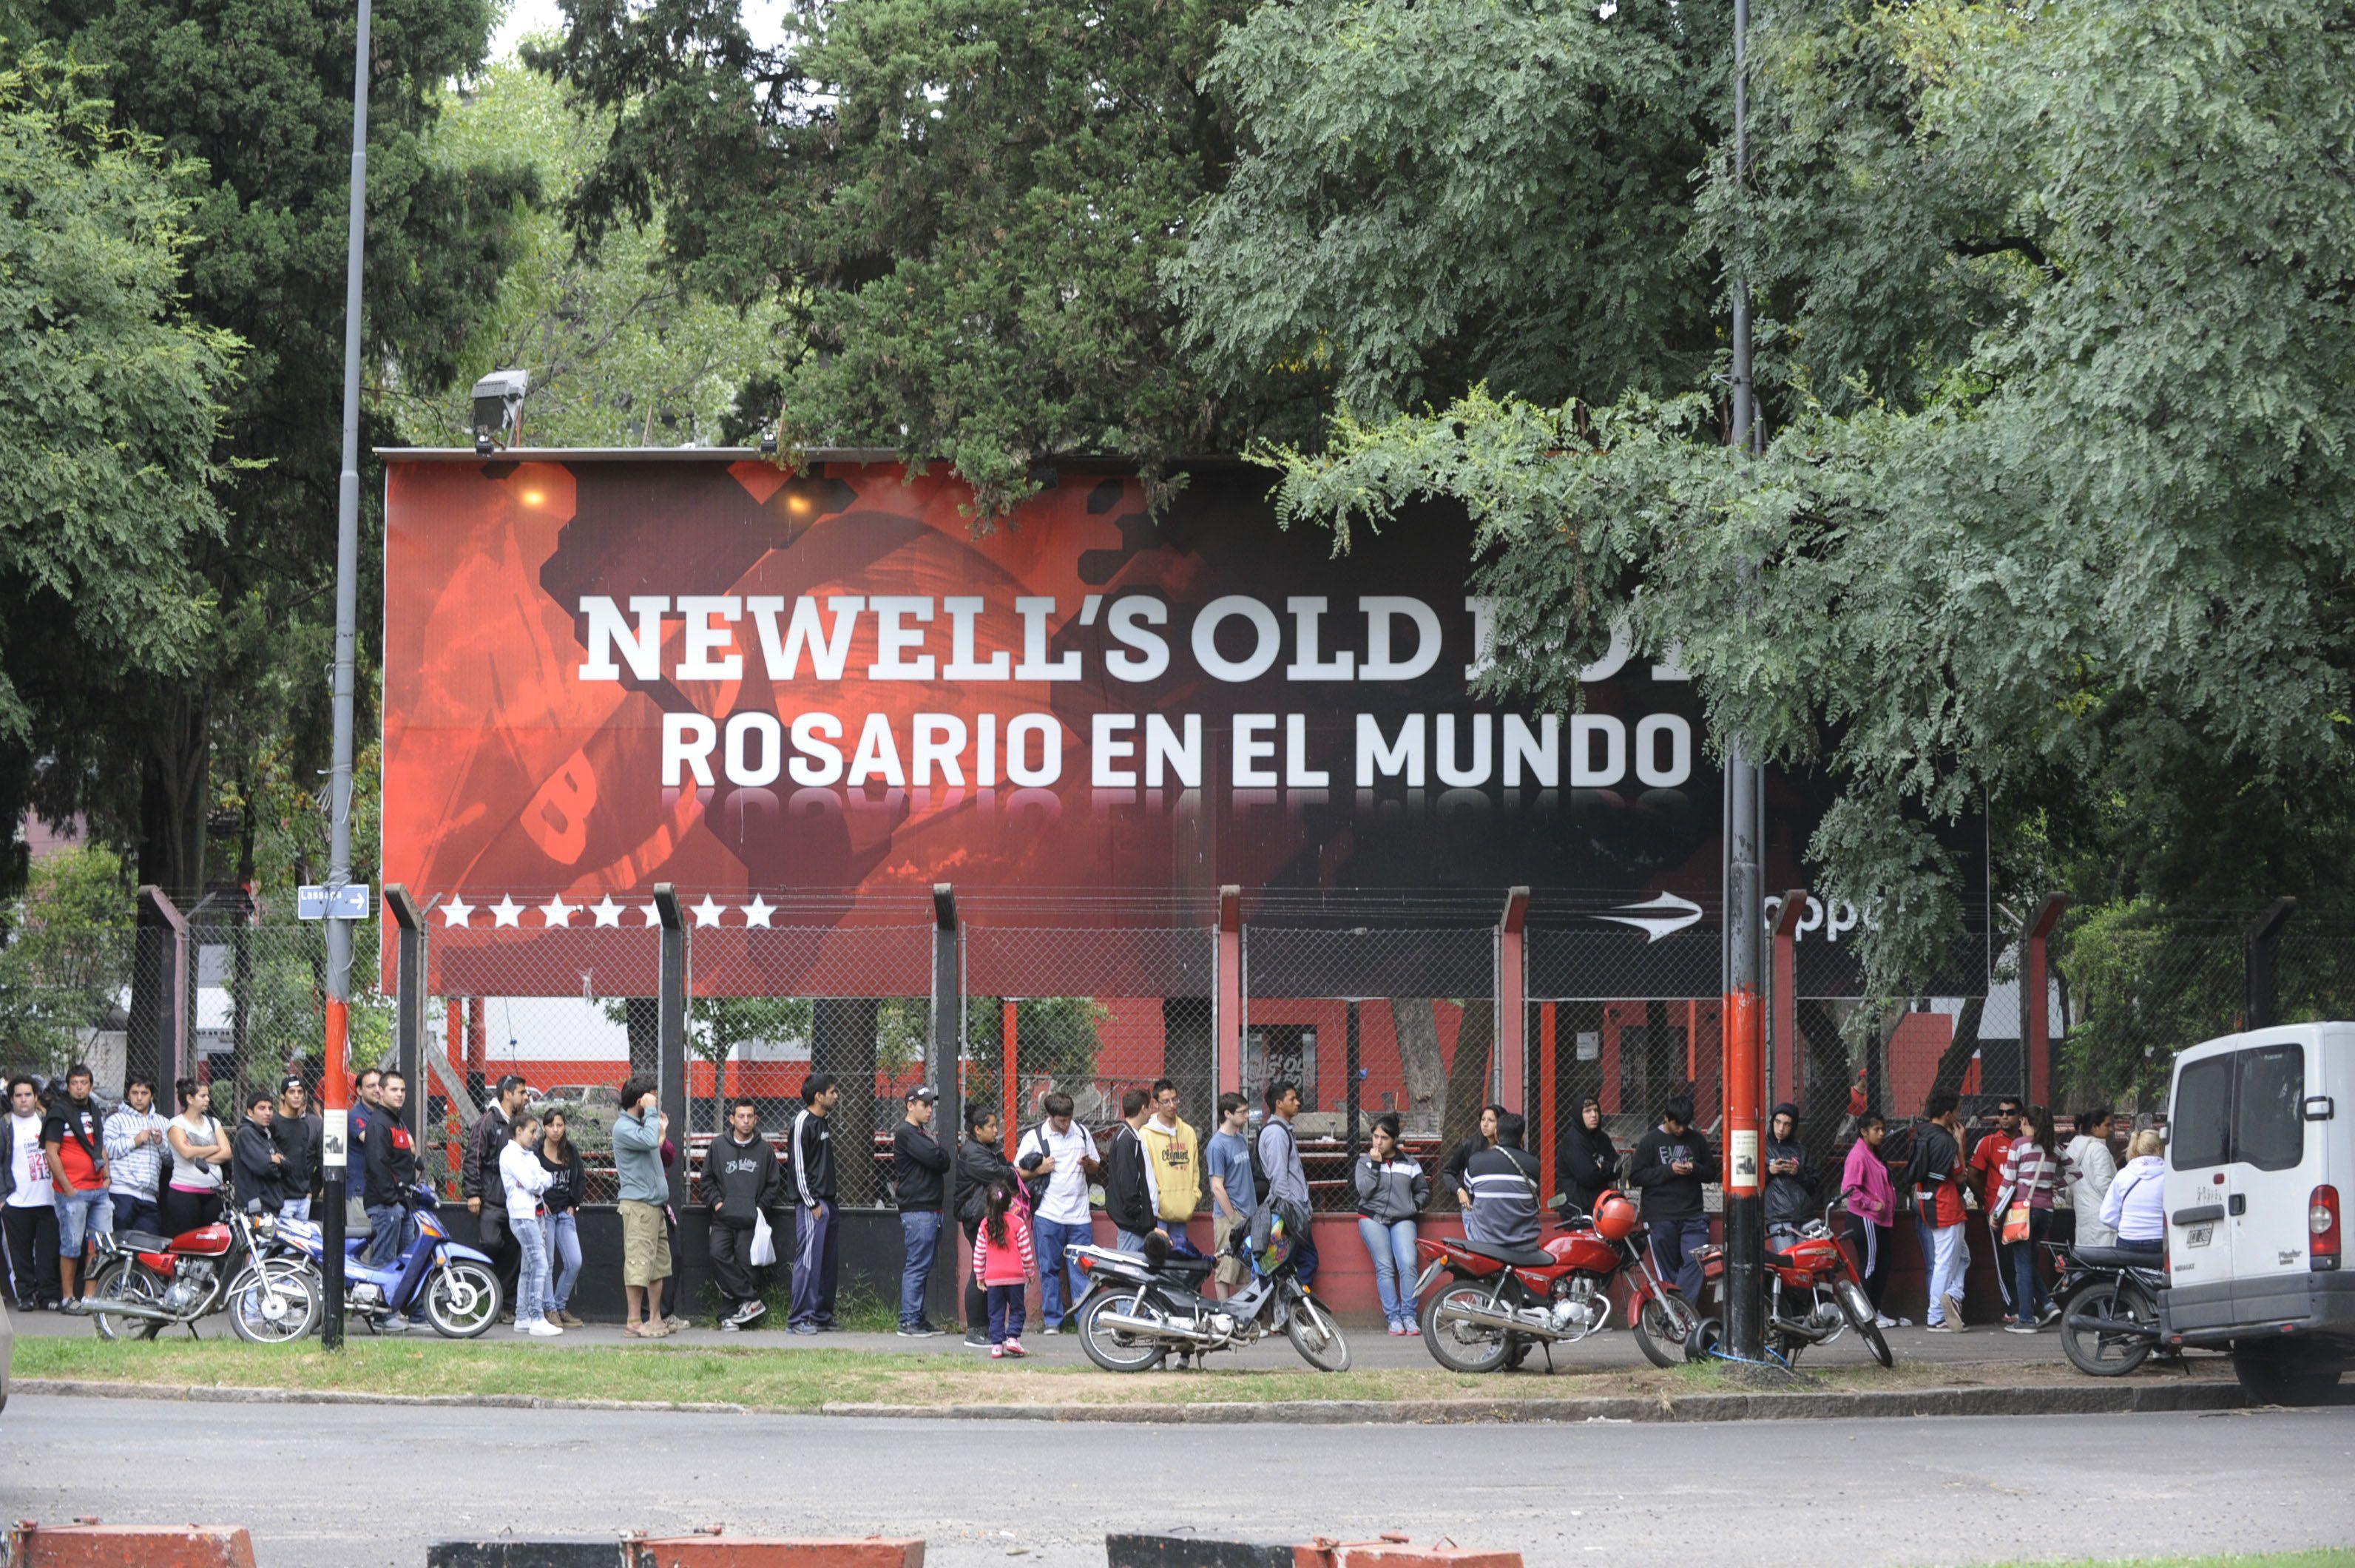 Los socios del Newells se prepararan un proceso eleccionario.